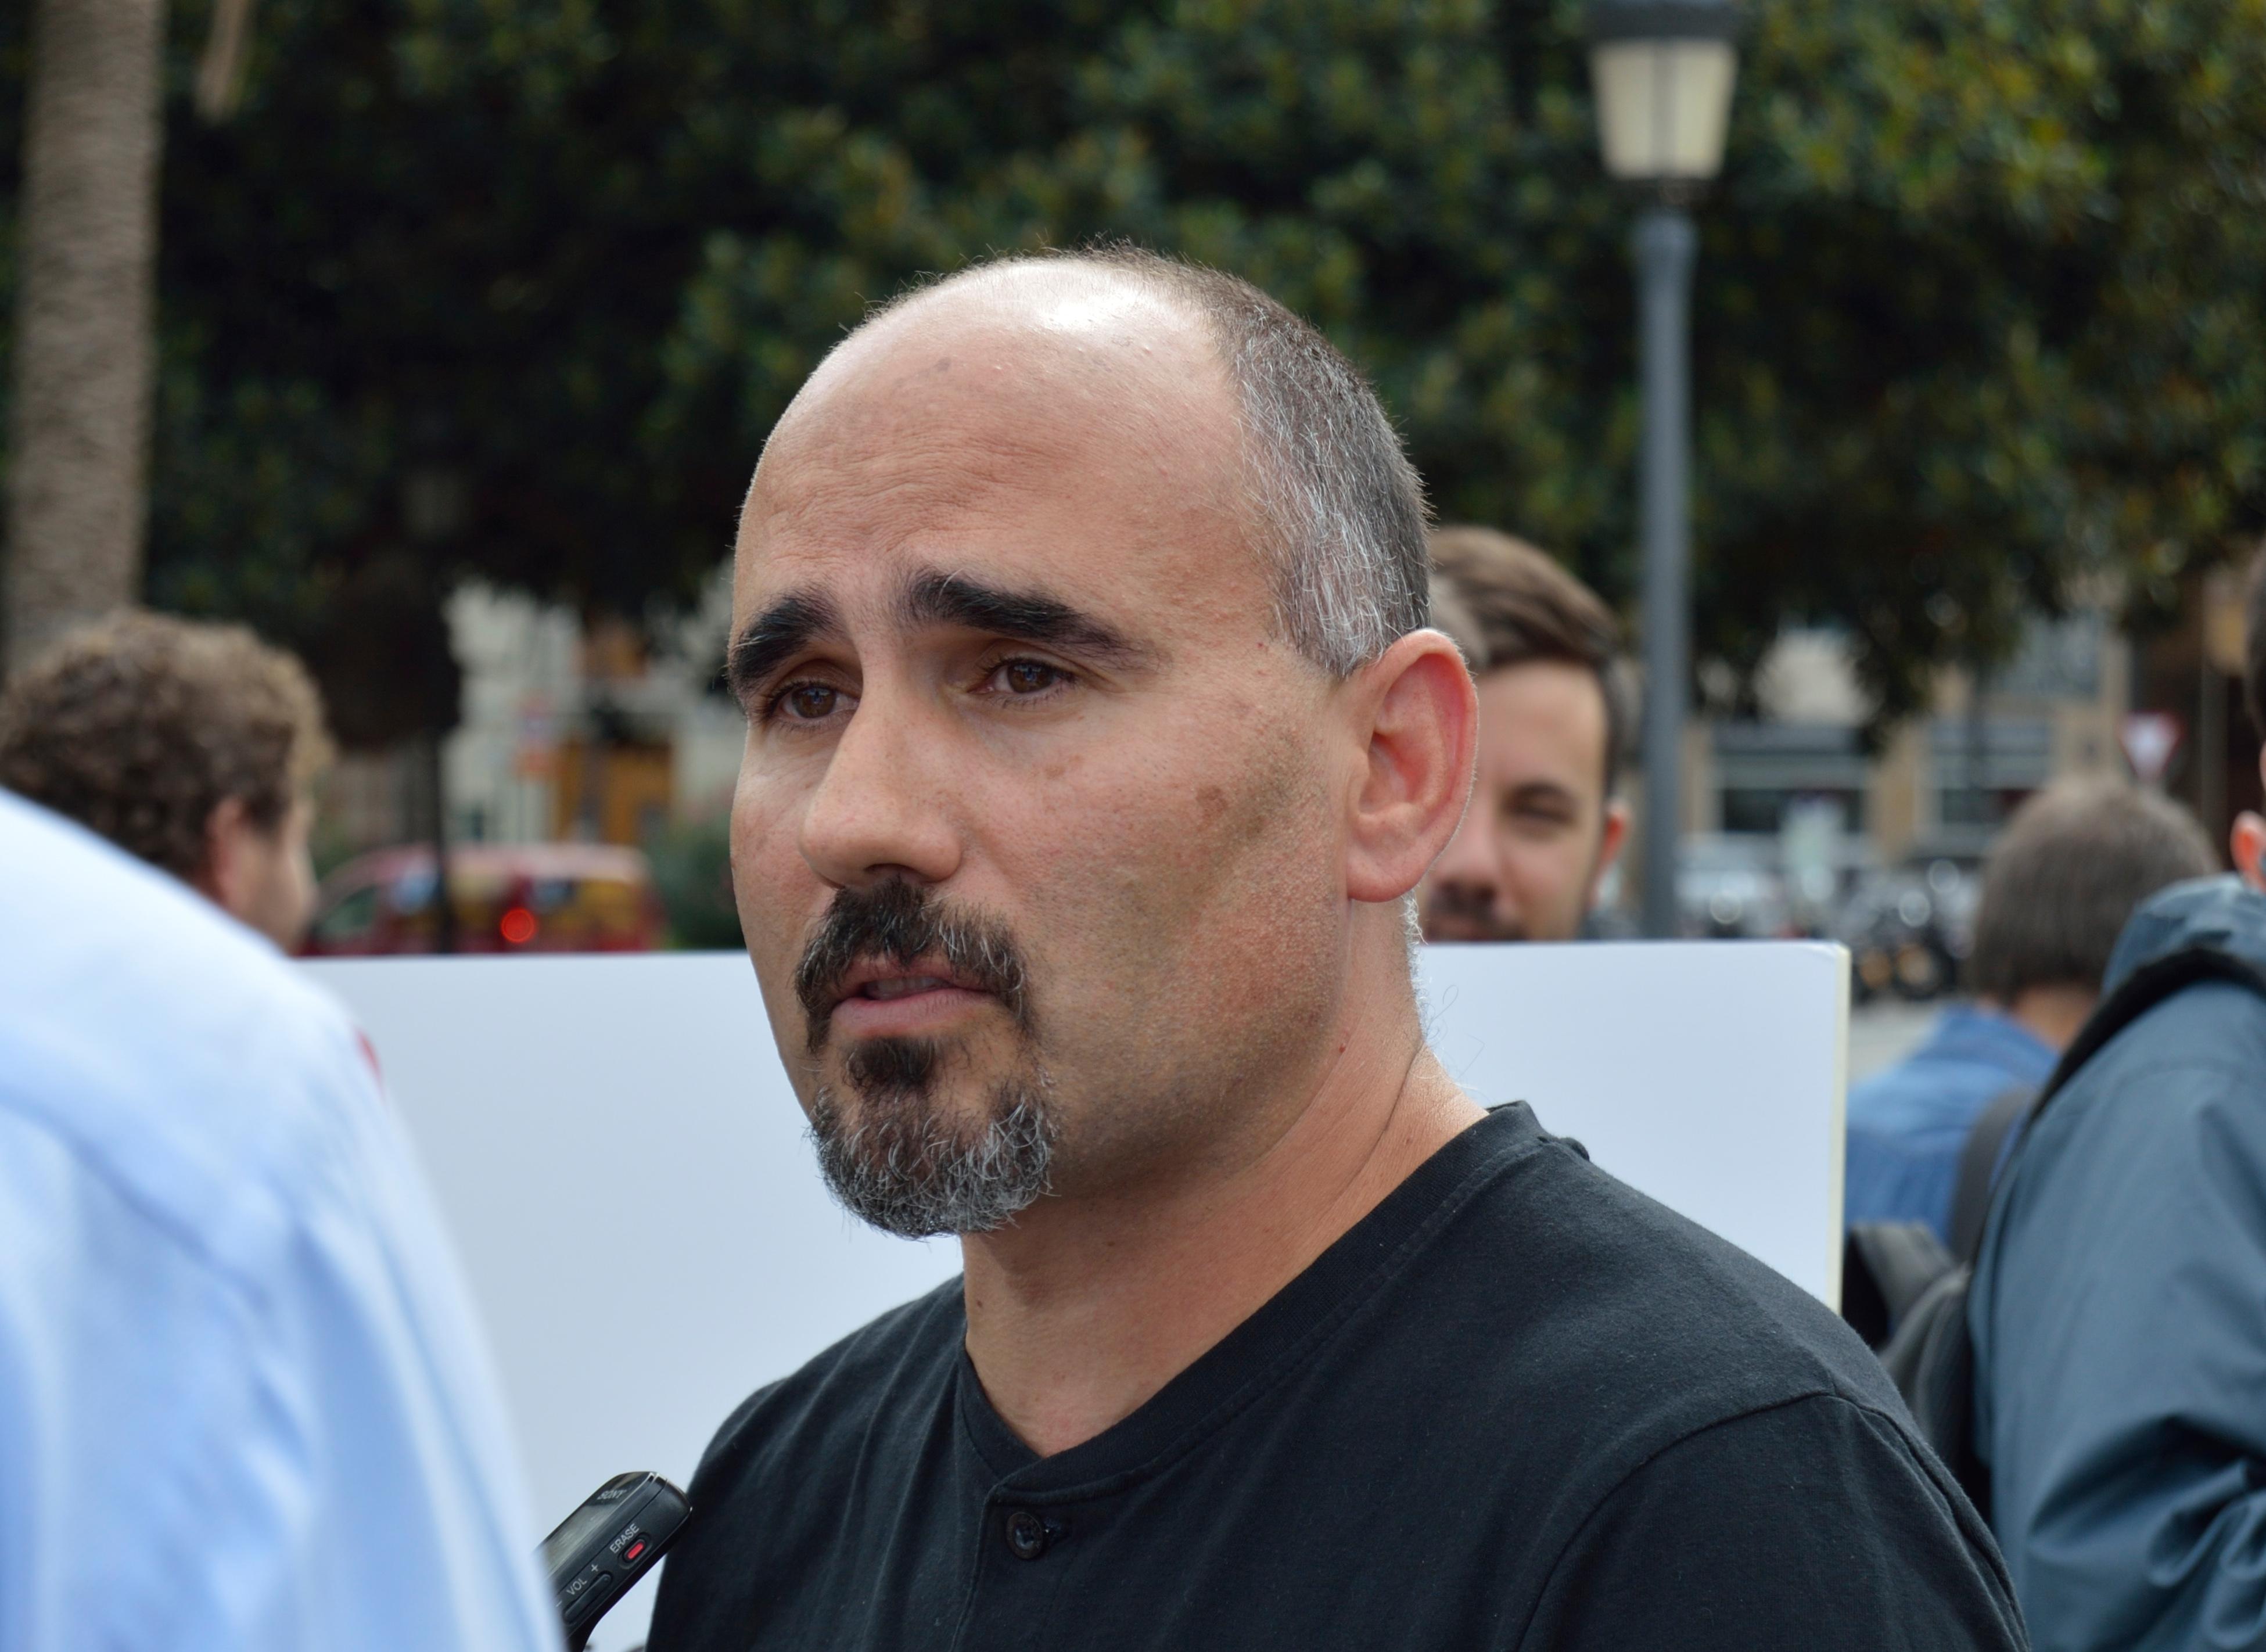 Esquerra Unida denuncia davant la fiscalia les consignes feixistes de la processó de divendres sant a Castelló